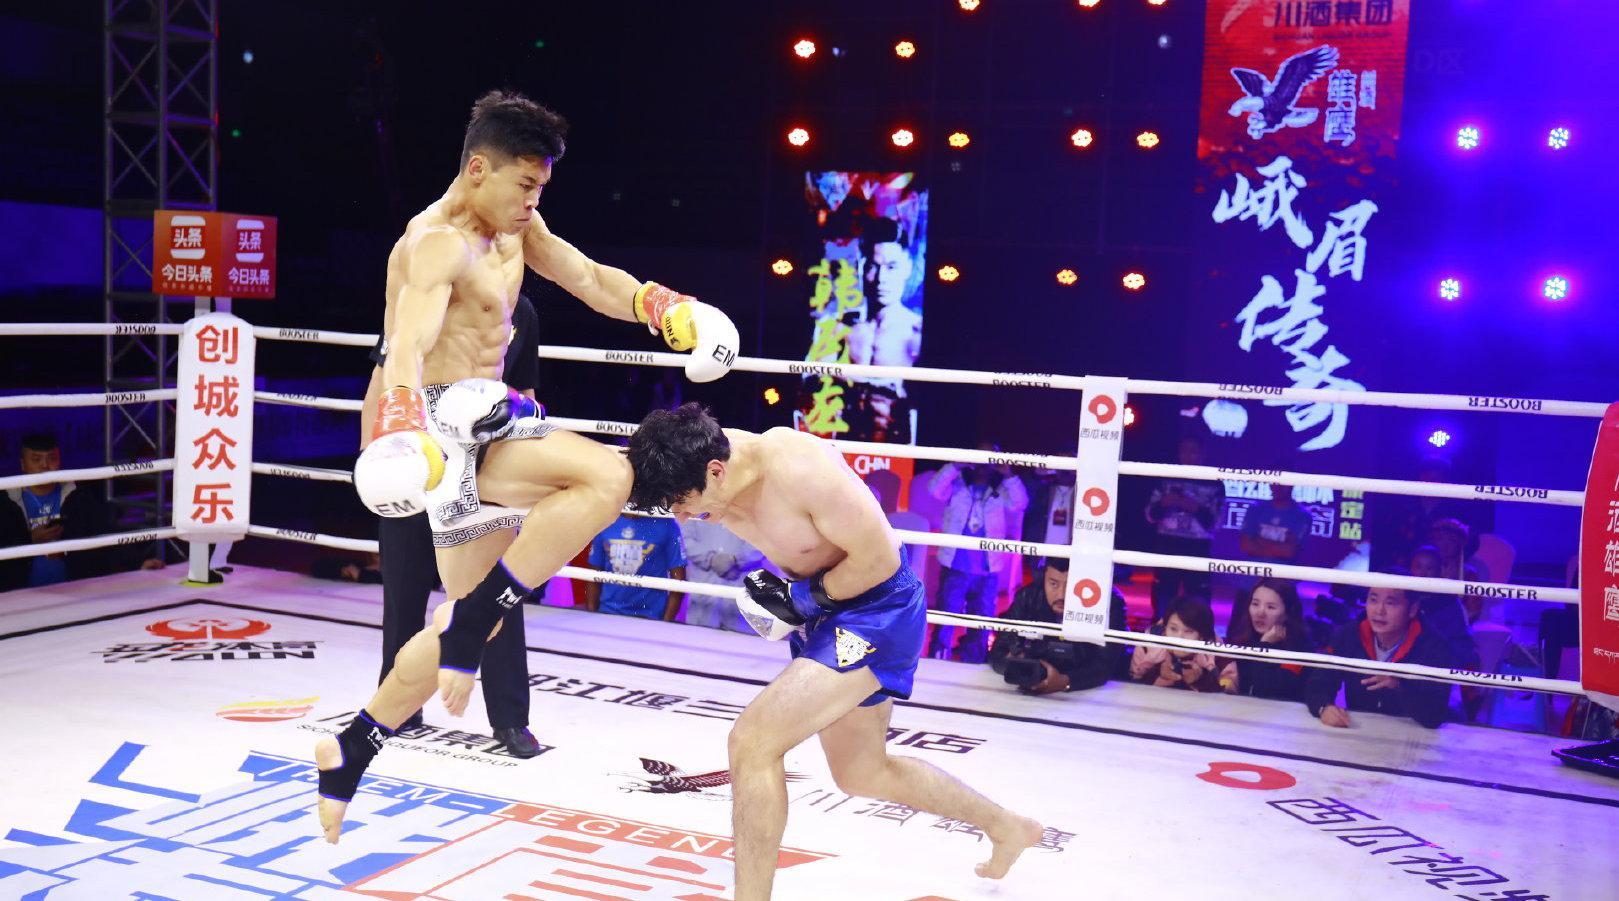 2020年9月26日, 康定站,韩飞龙对阵塔吉克斯坦选手苏乐……